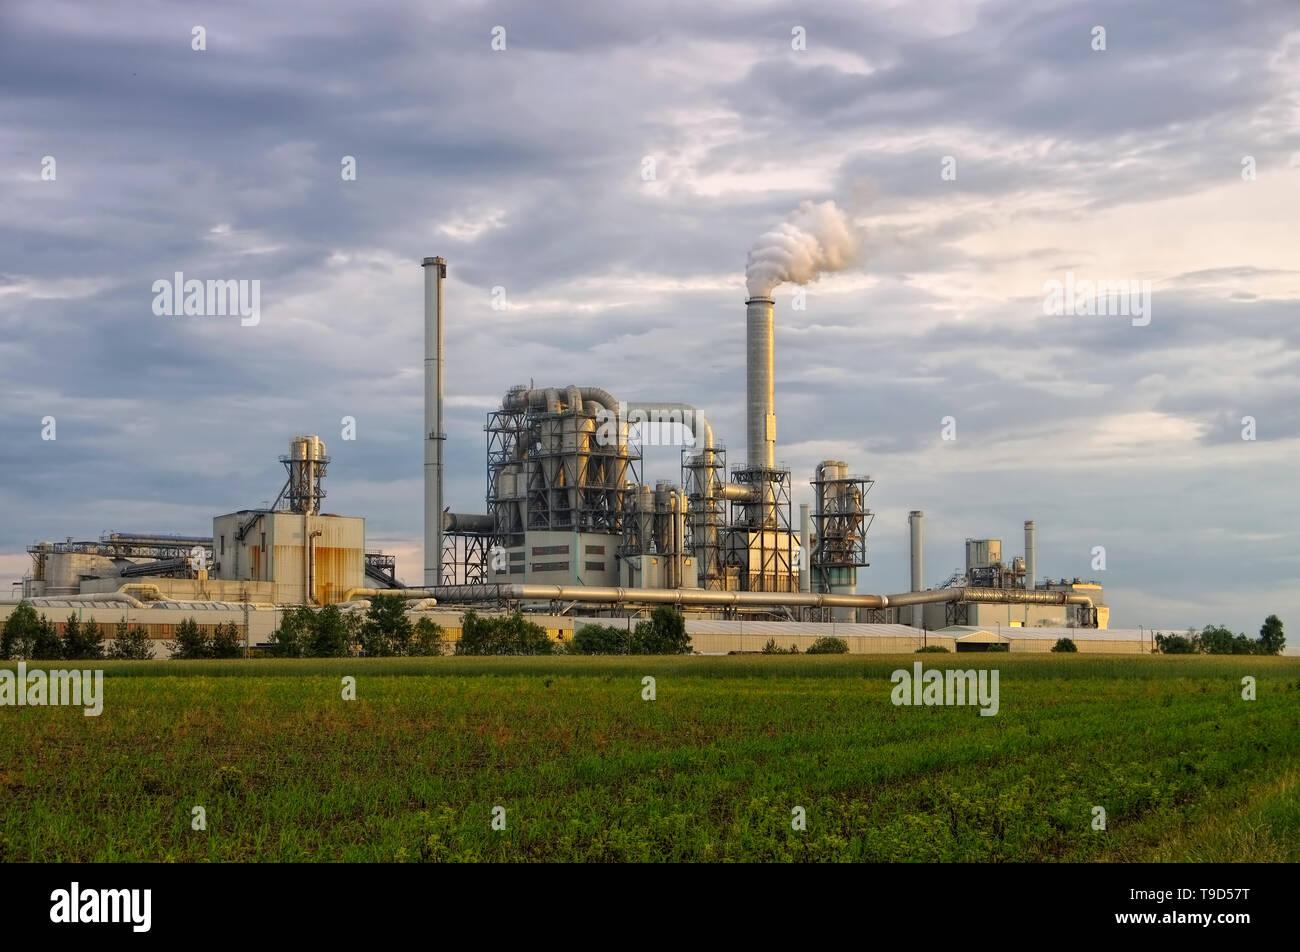 Industrieanlage und große Schornsteine - large industrial plant and smokestacks, major pollution - Stock Image